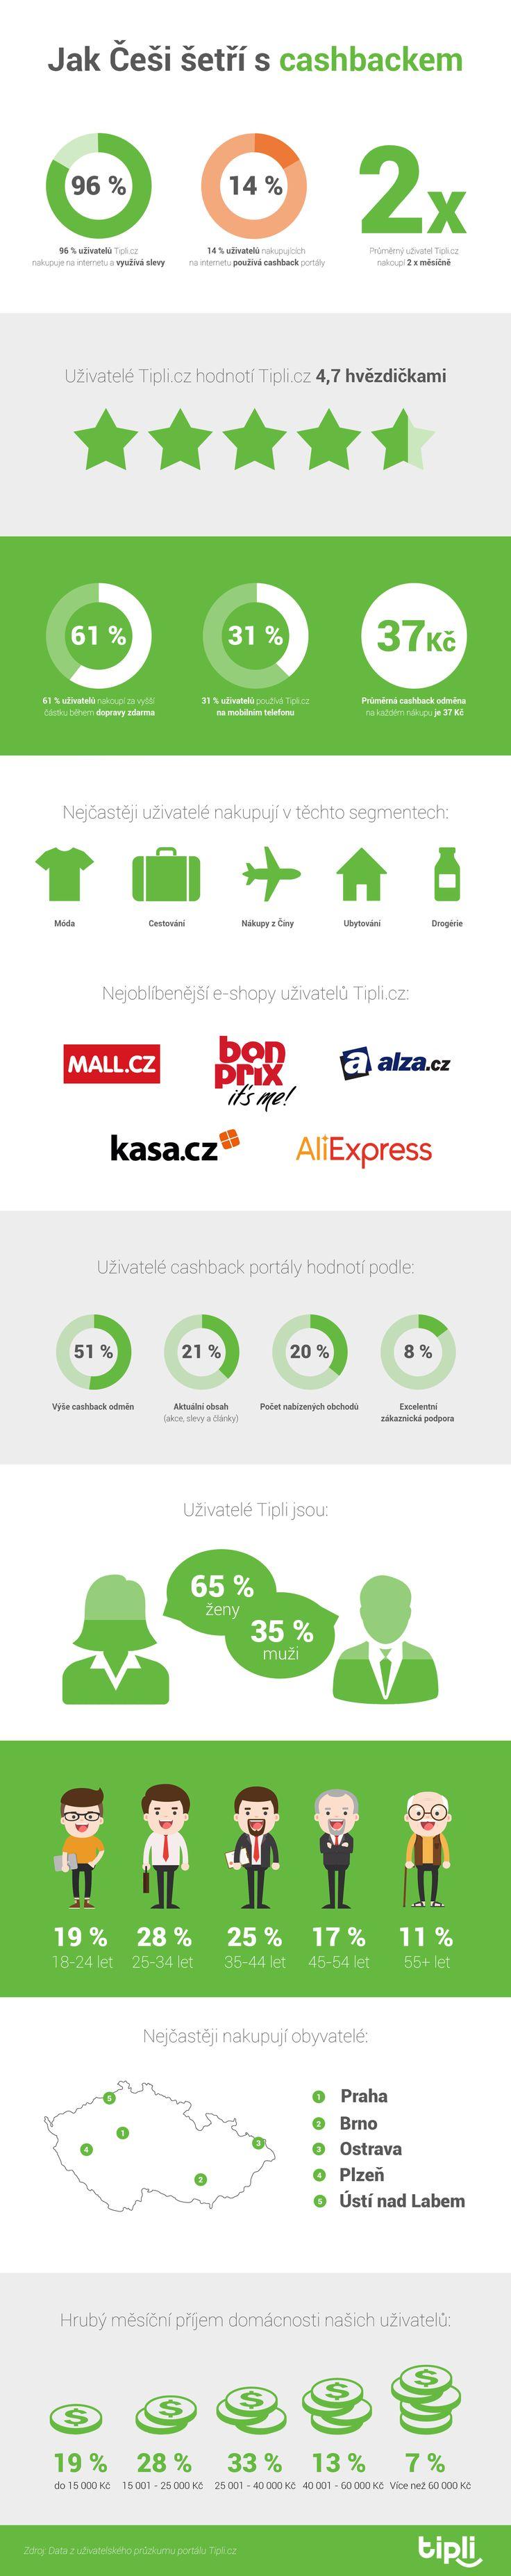 Jak Češi využívají cashbackové služby?